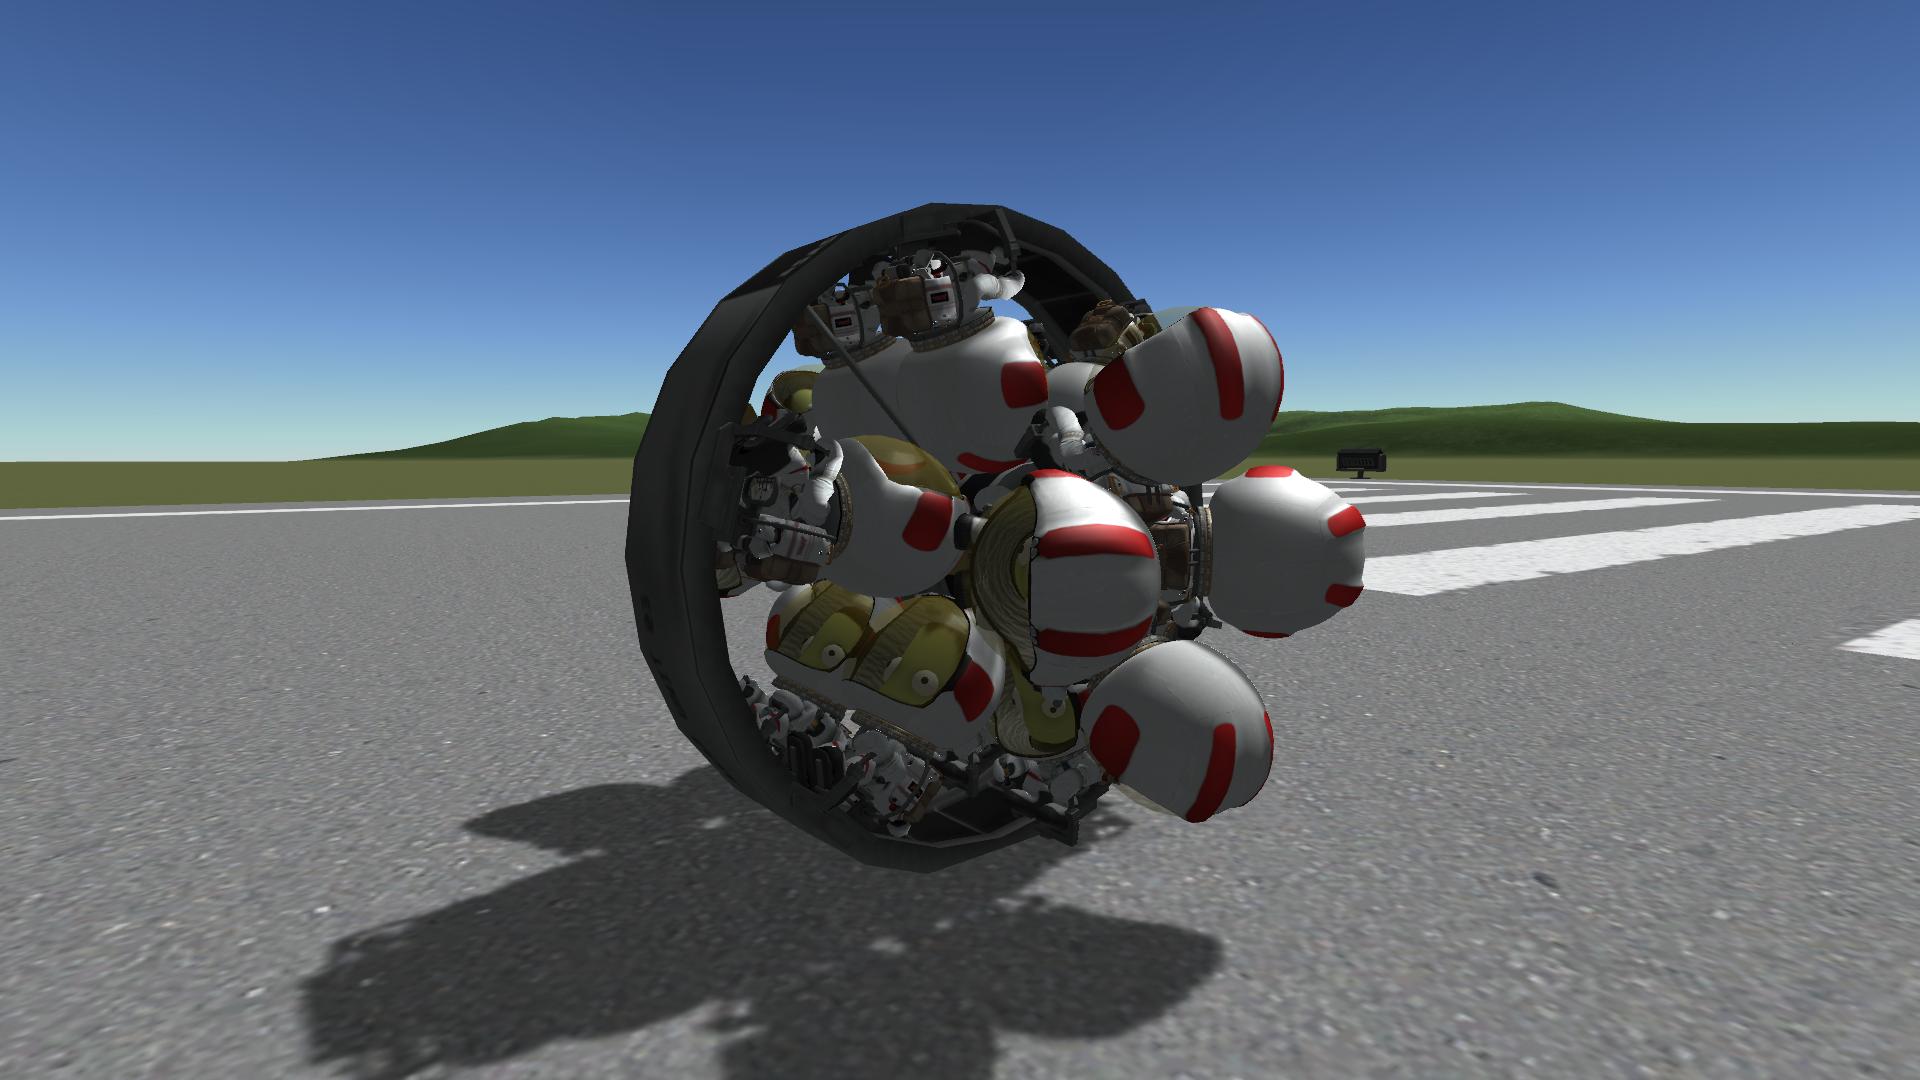 KSP monocycle pour Kerbal Space Program 20 places